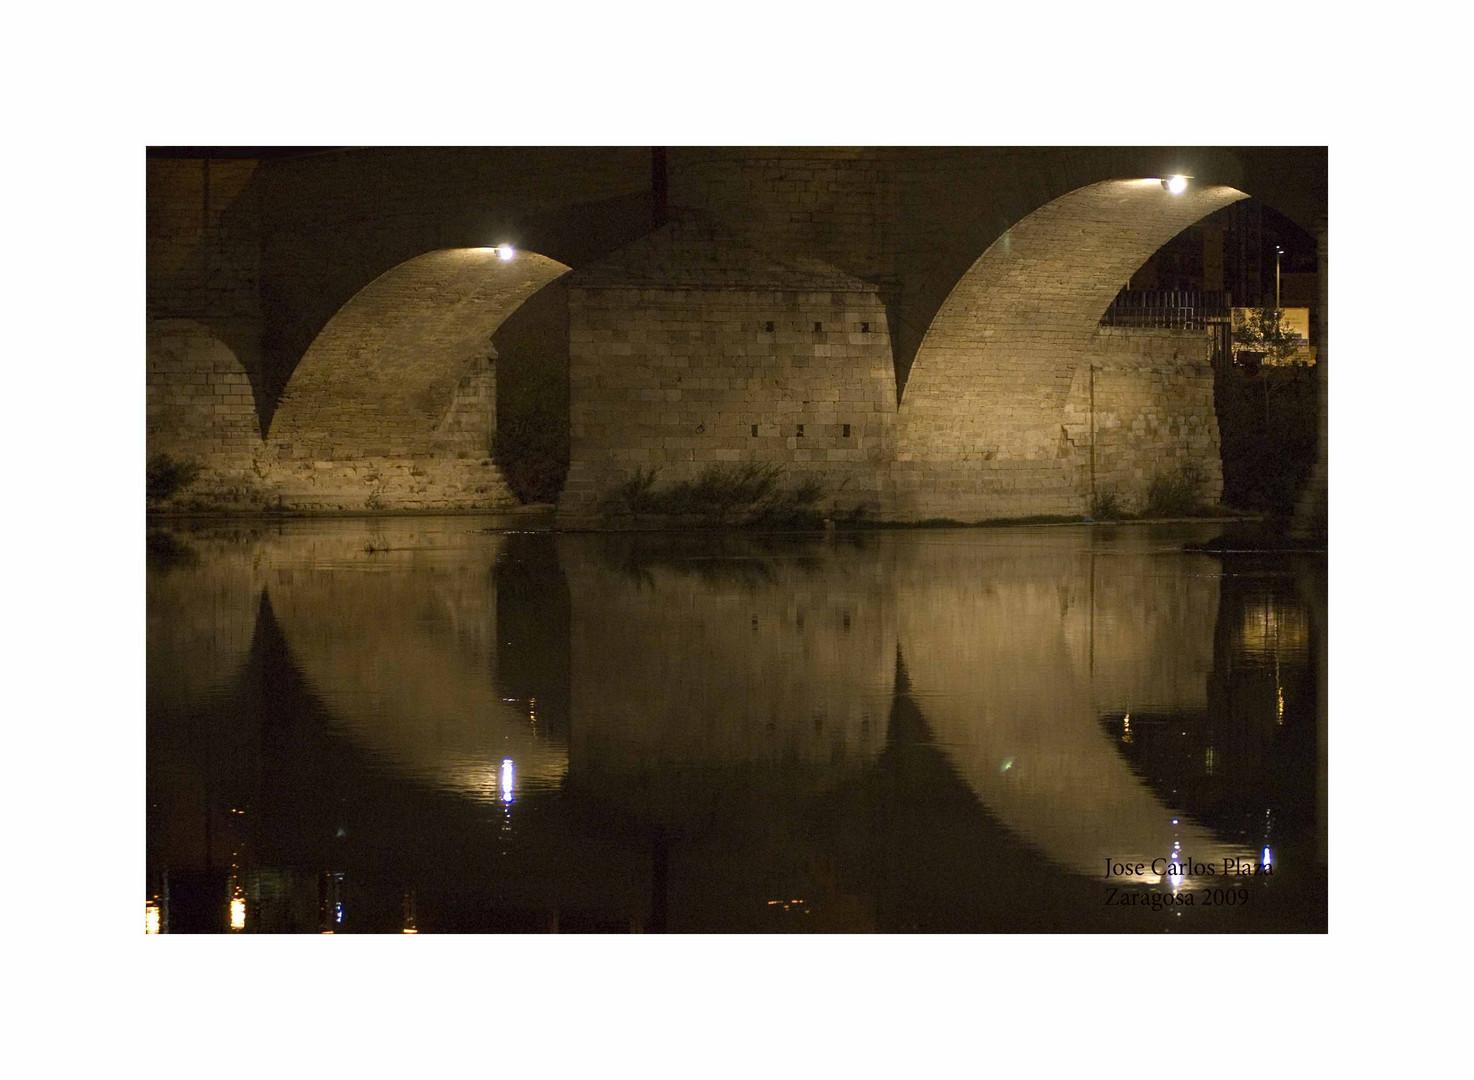 Bajo los puentes del Ebro